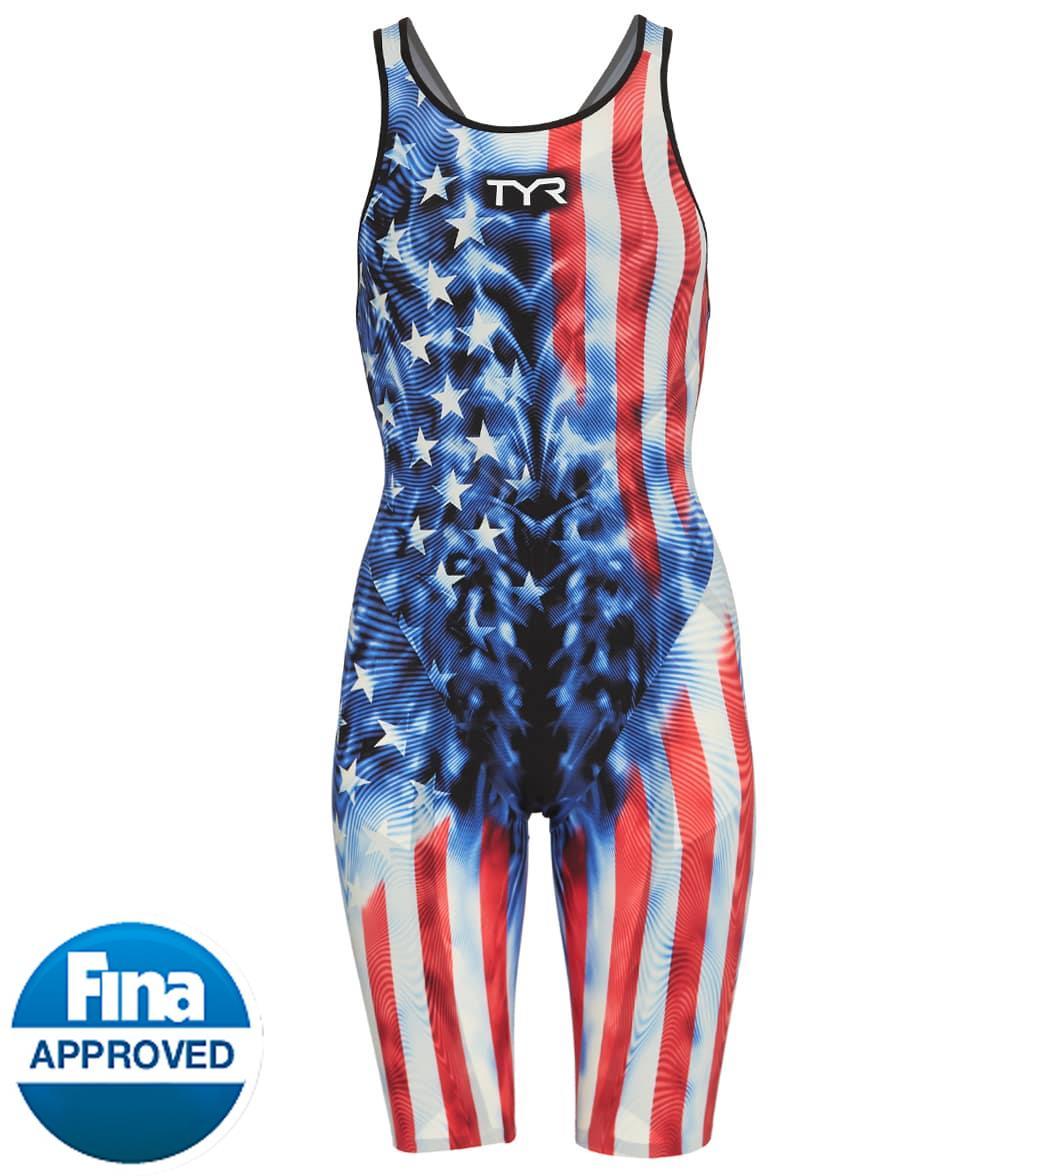 TYR Women's Venzo Genesis Usa Open Back Tech Suit Swimsuit